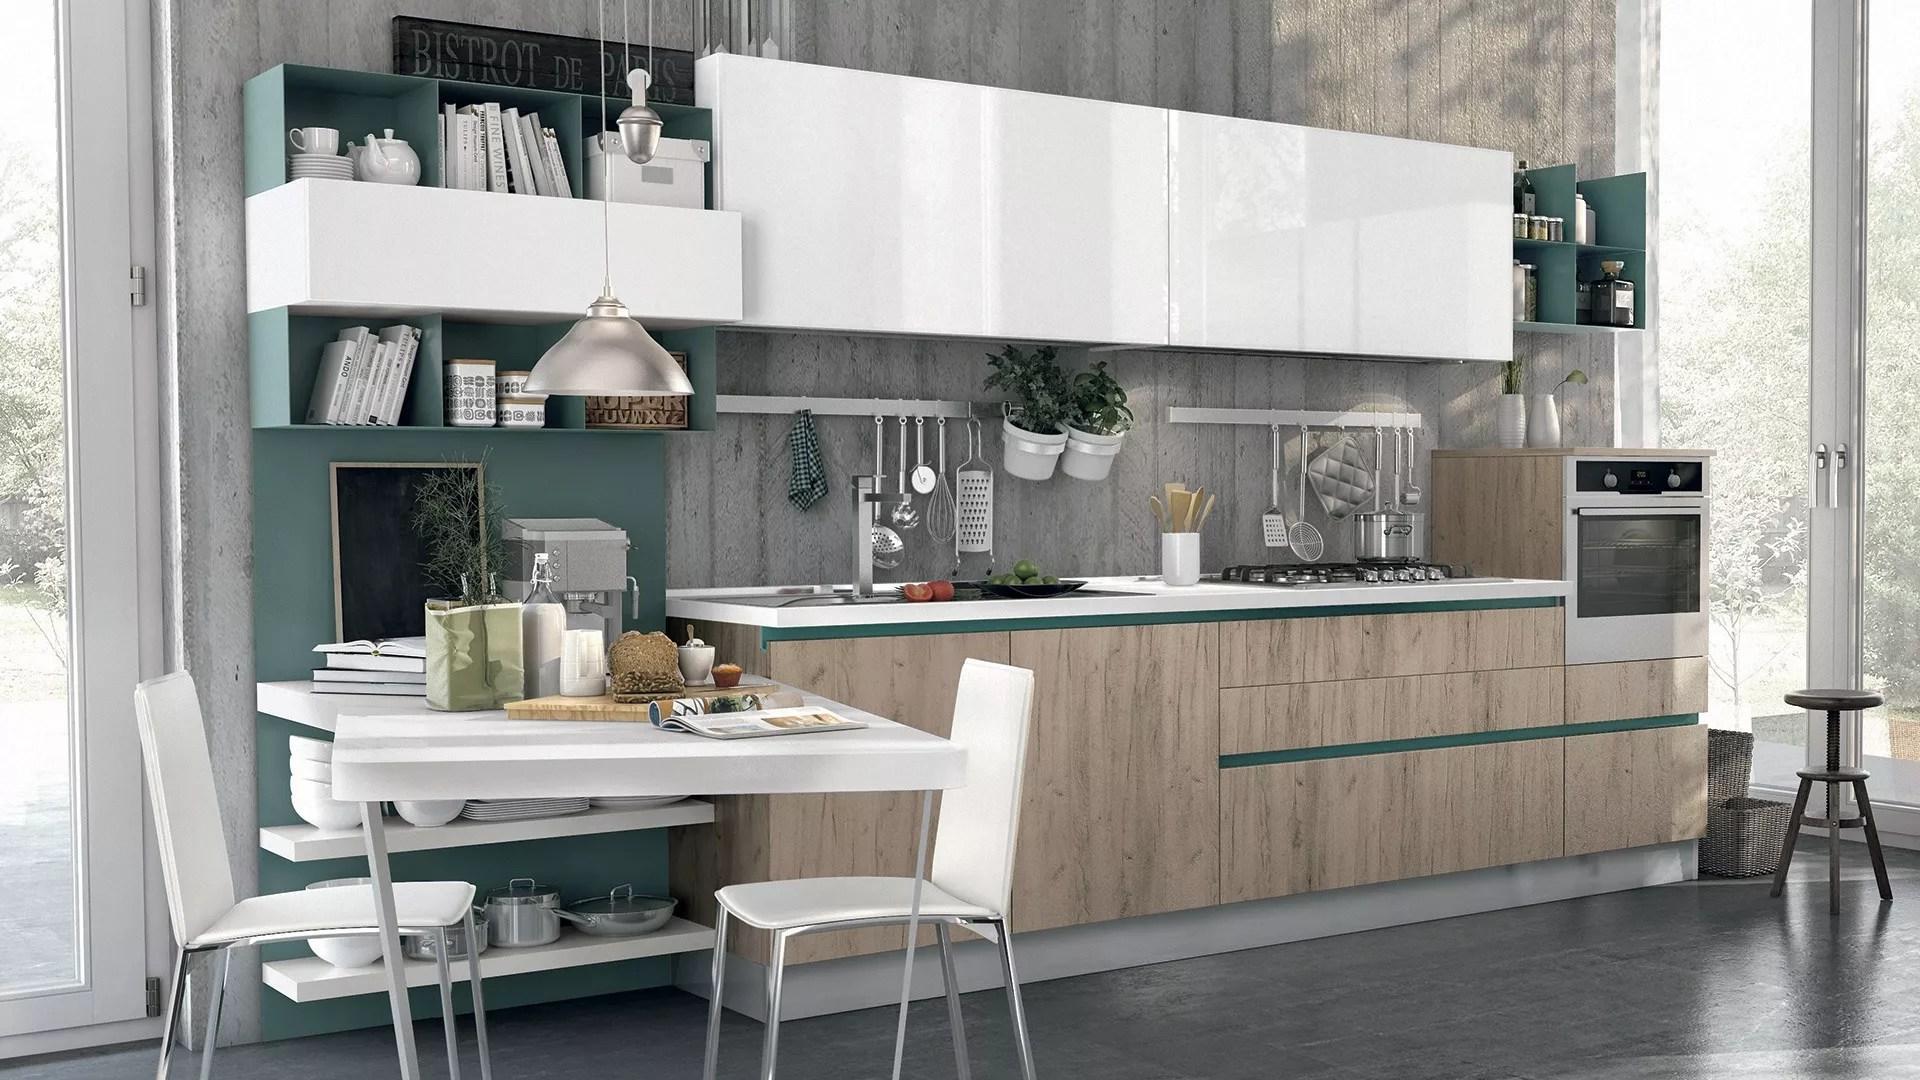 Piastrelle Da Cucina Bianche : Piastrelle cucina e legno piastrelle cucina bianche best